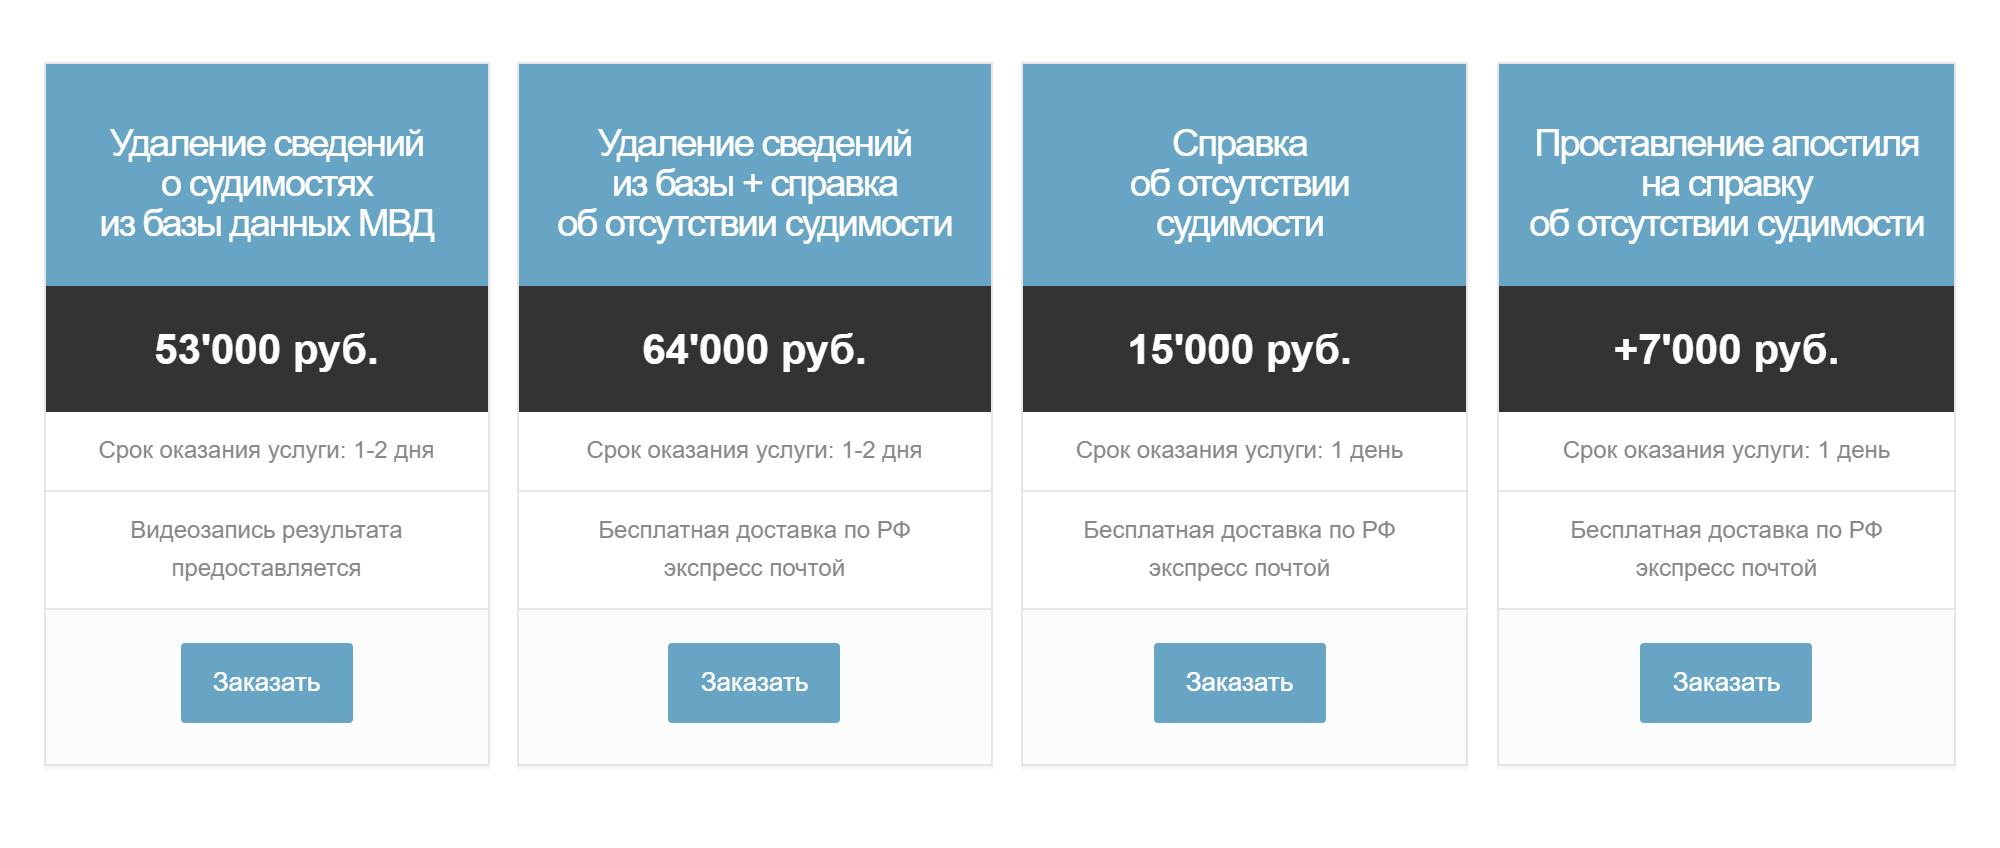 За свои услуги сервис просит от 15 000&nbsp;до 64 000<span class=ruble>Р</span>. Я так&nbsp;и не понял, почему изменение базы занимает 1—2 дня, а изменение базы и оформление справки — только день. Единственный вариант — что справку нарисуют в фотошопе. Но ведь сервис утверждает, что на него работают сотрудники МВД, так зачем ему подделывать документы?